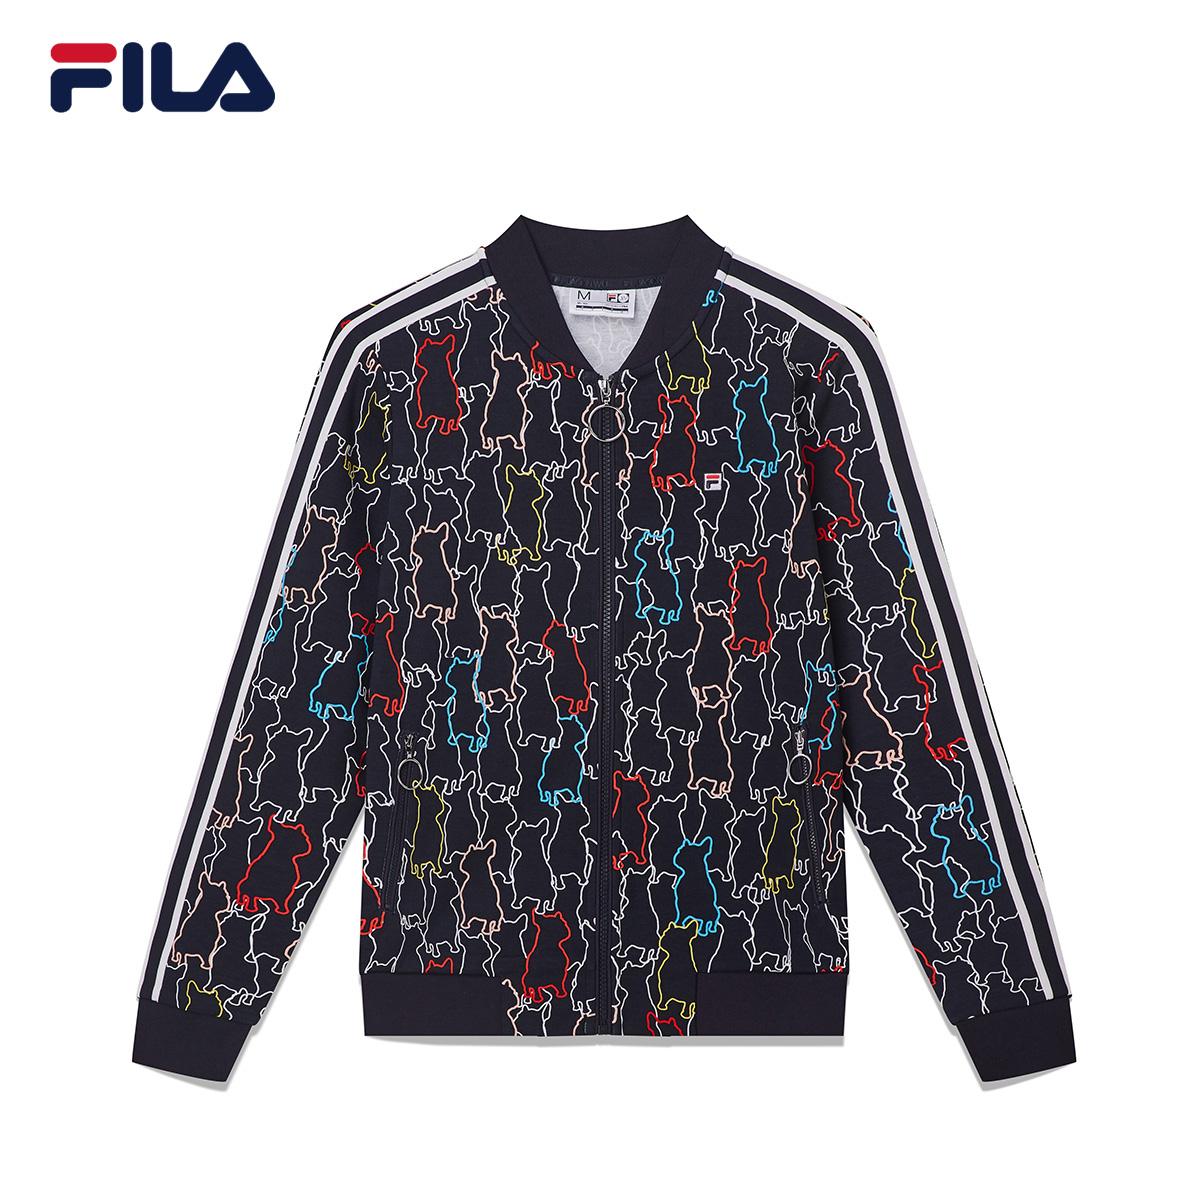 FILA斐樂Jason Wu聯名女外套2018秋季復古時尚涂鴉設計棒球外套女